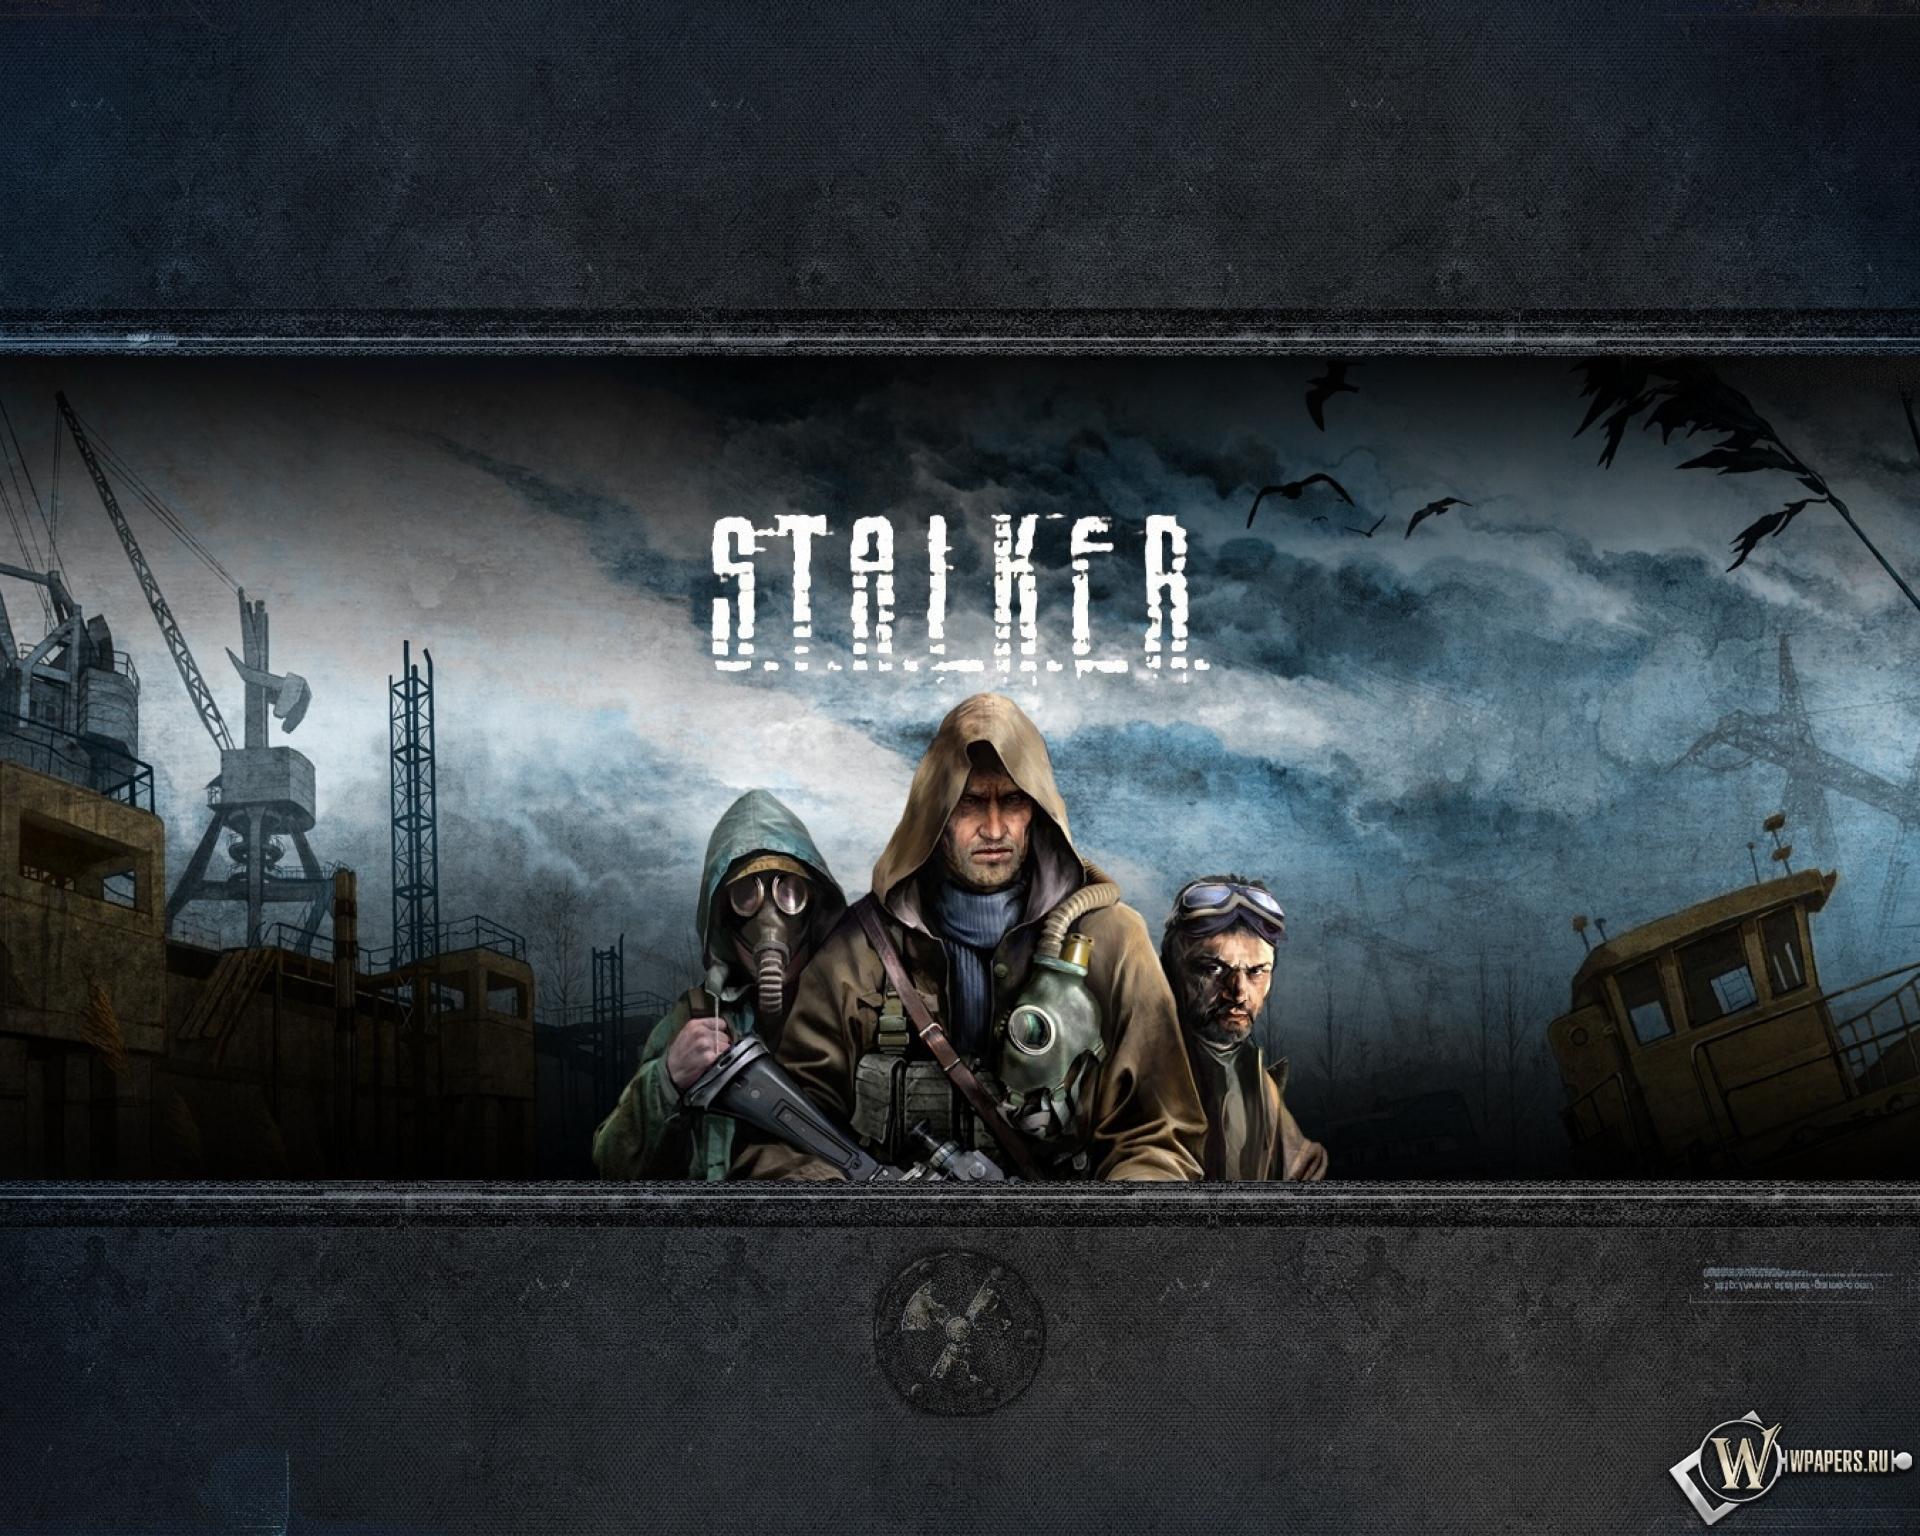 Скачать бесплатно все картинки из игры сталкер 13